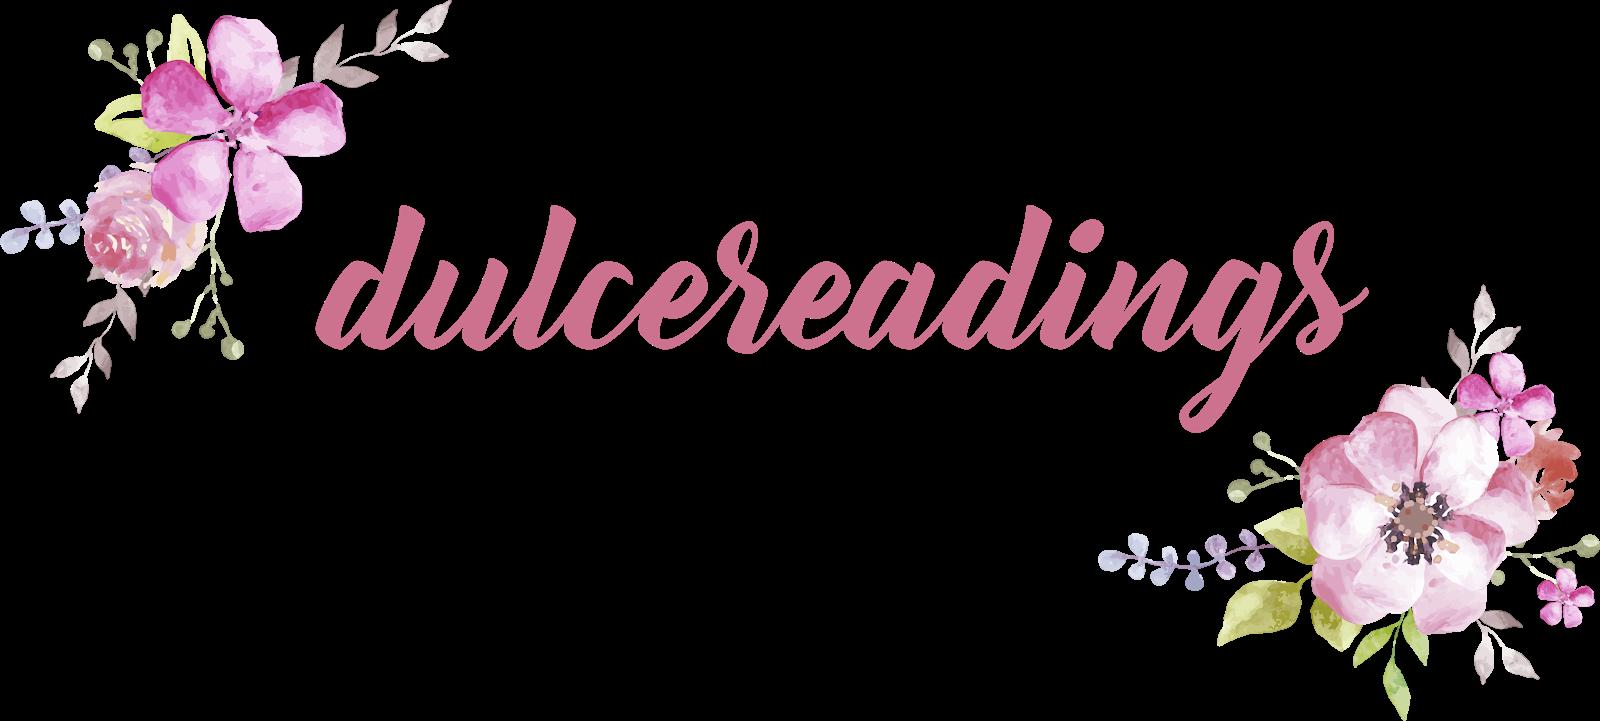 Dulce Readings